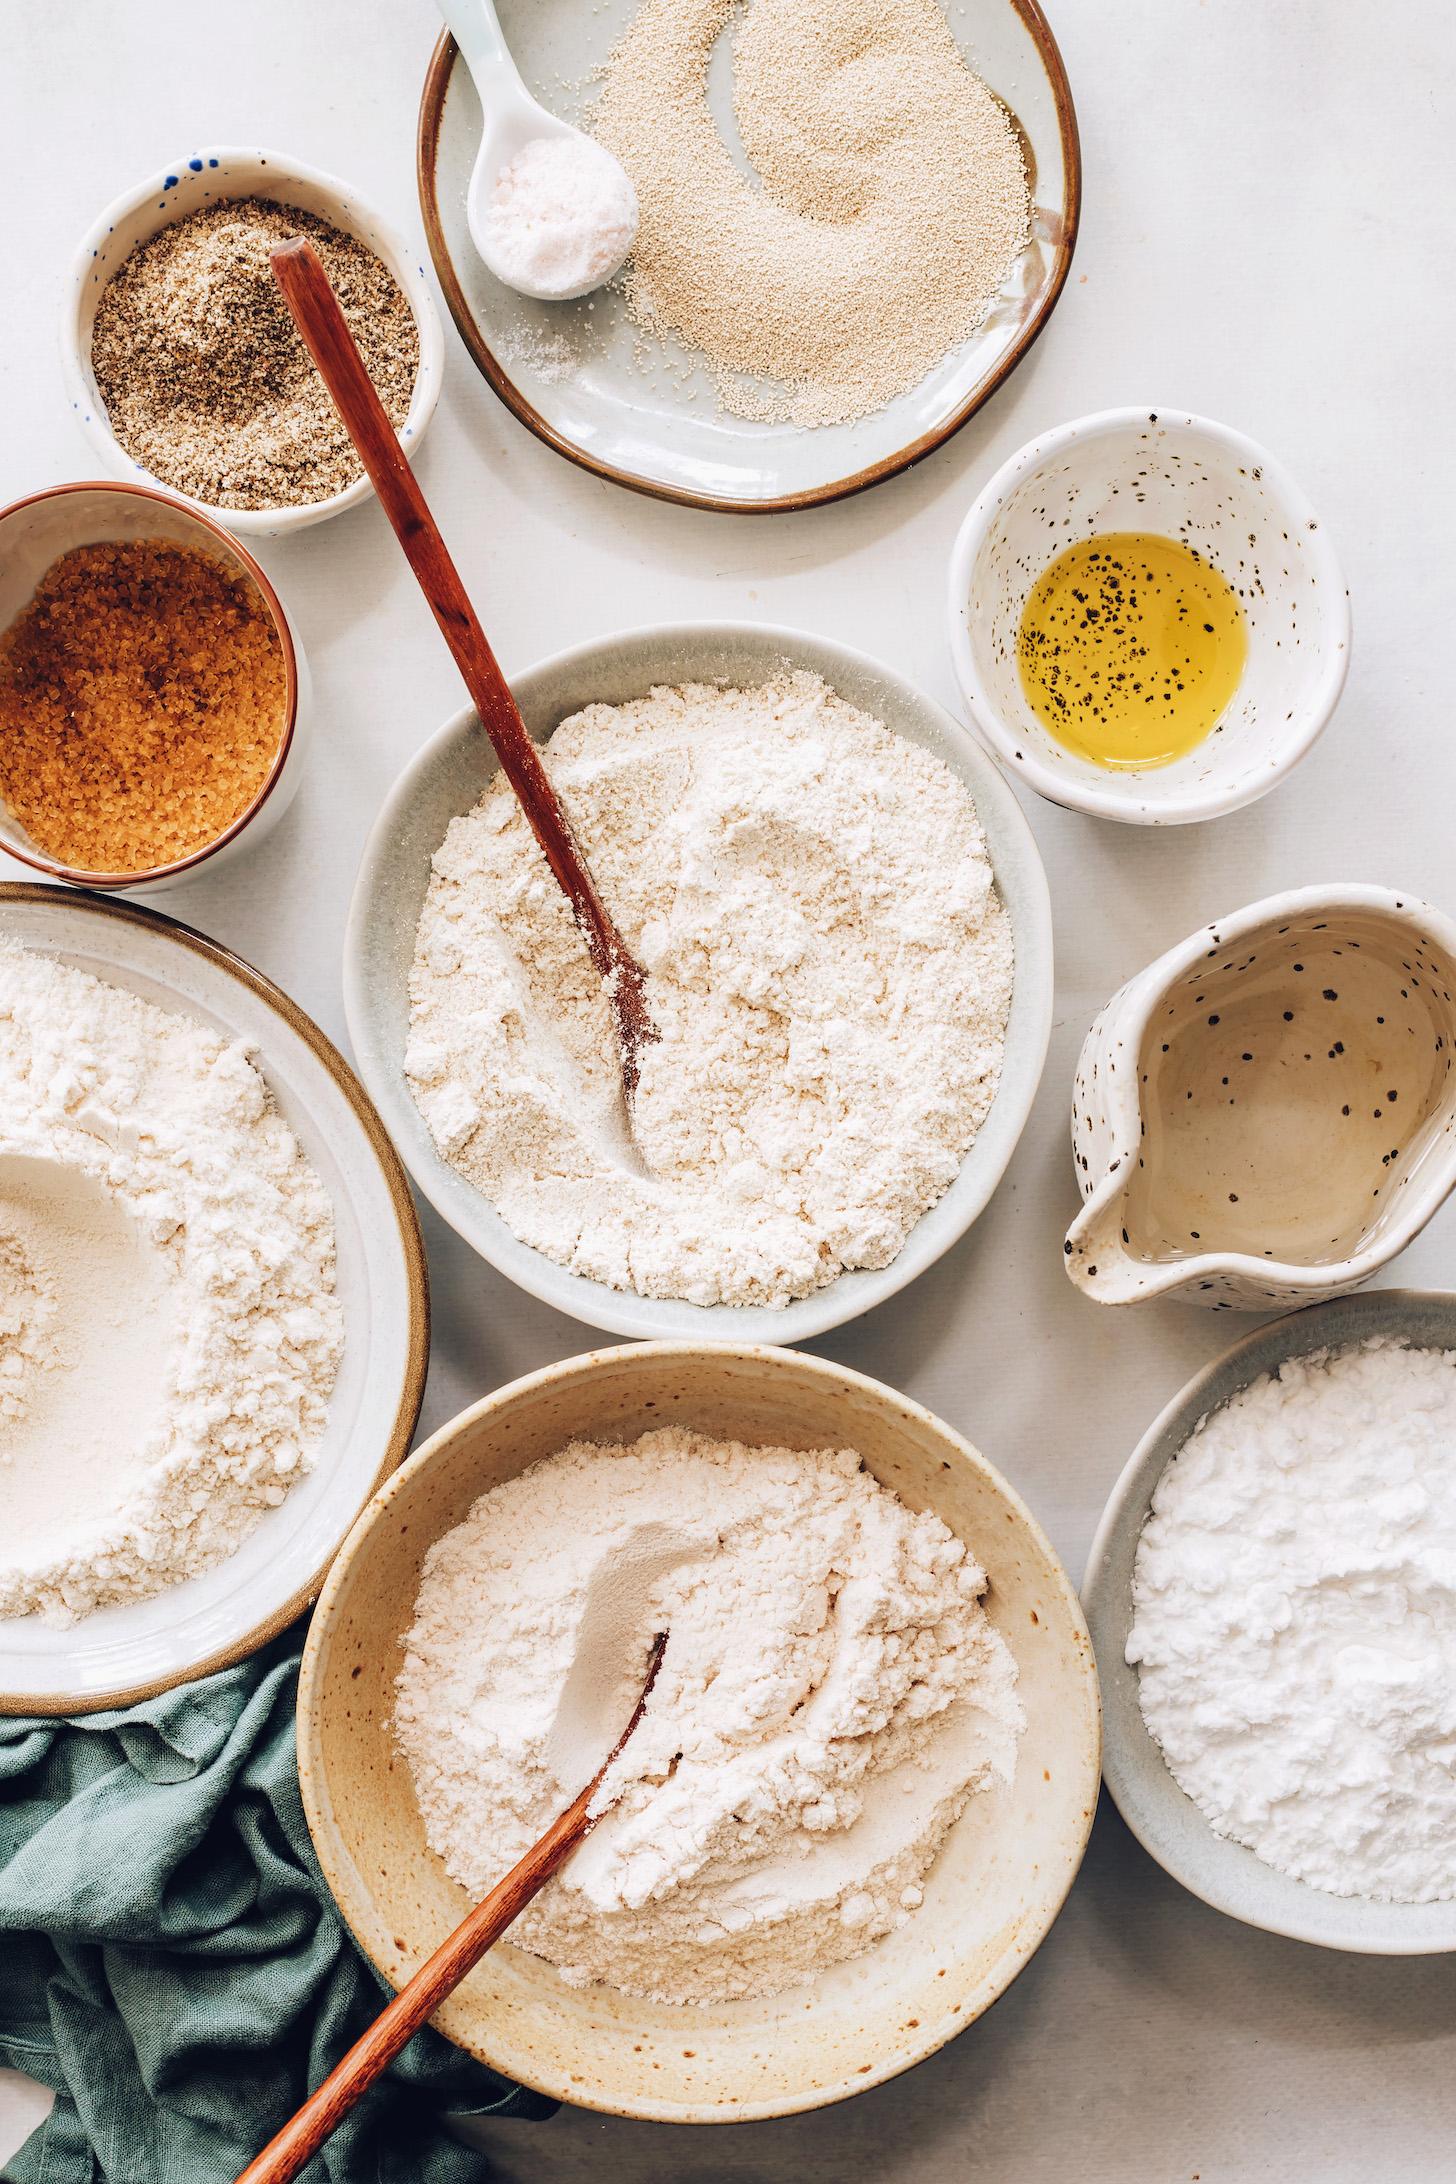 Avokado yağı, su, maya, tuz ve glutensiz unlar